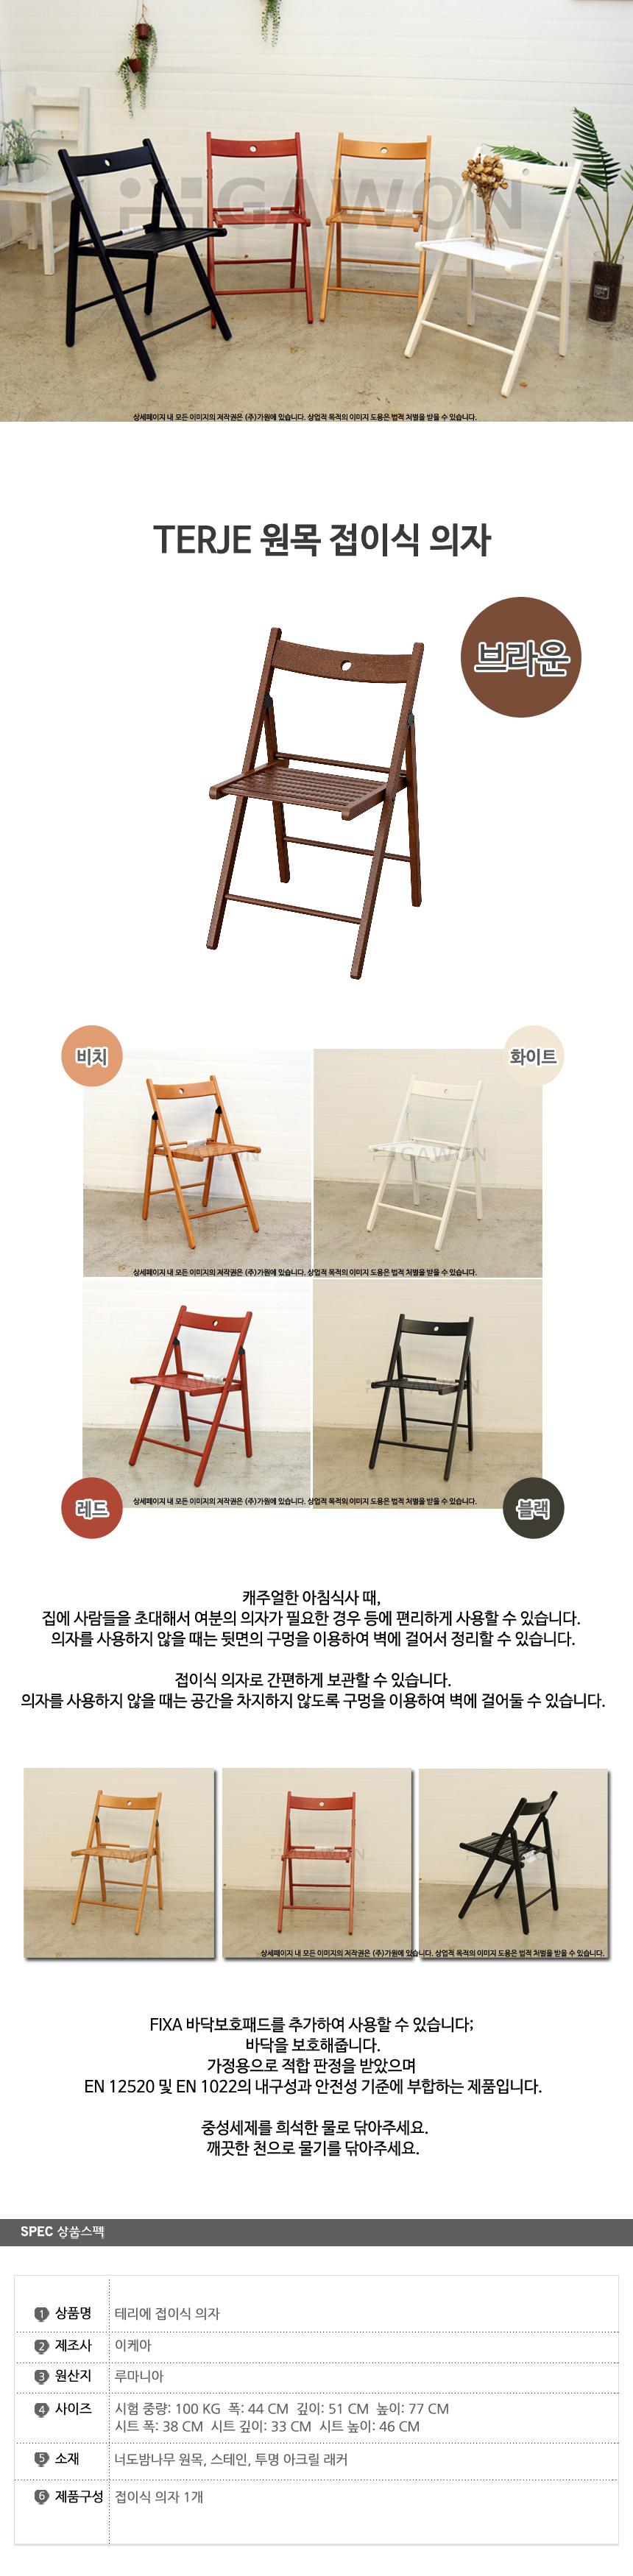 TERJE 원목 접이식의자 - 이케아, 39,600원, 디자인 의자, 우드의자